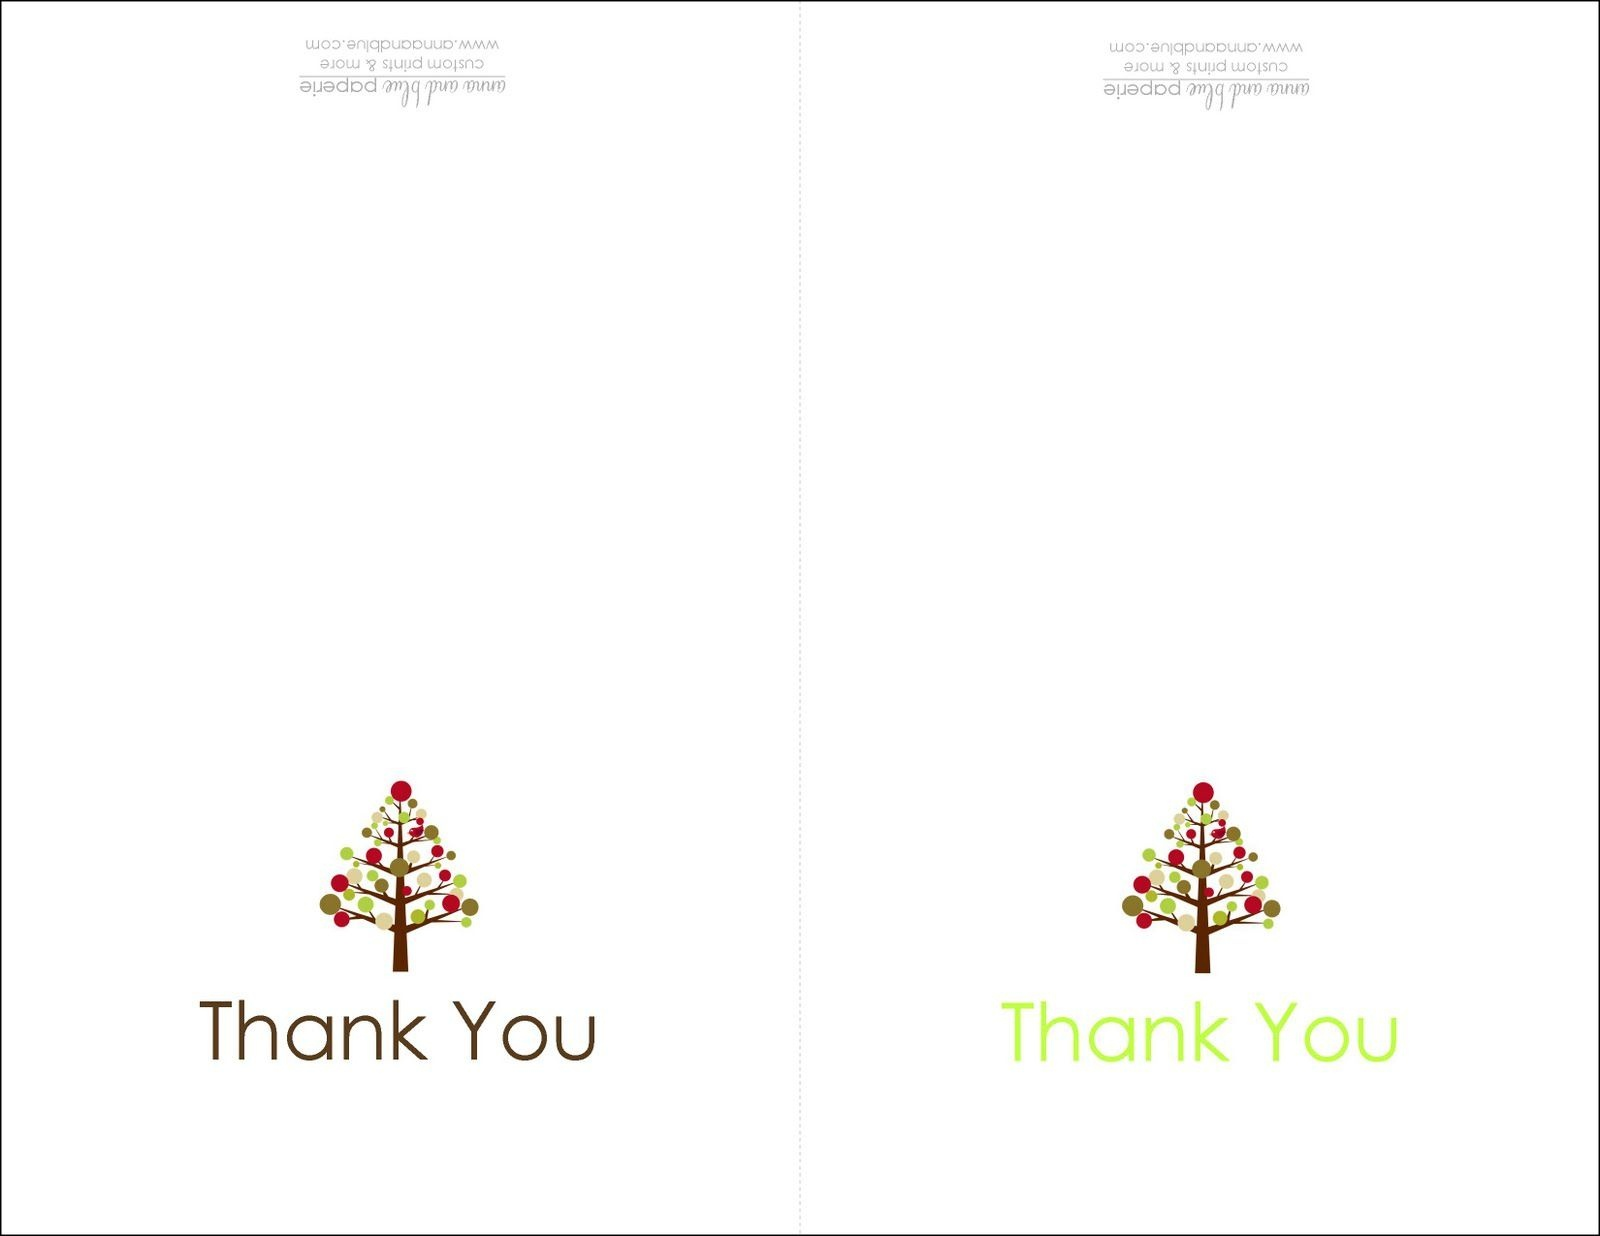 Thank You Cards Printable | Printable | Free Printable Christmas - Free Online Printable Christmas Cards